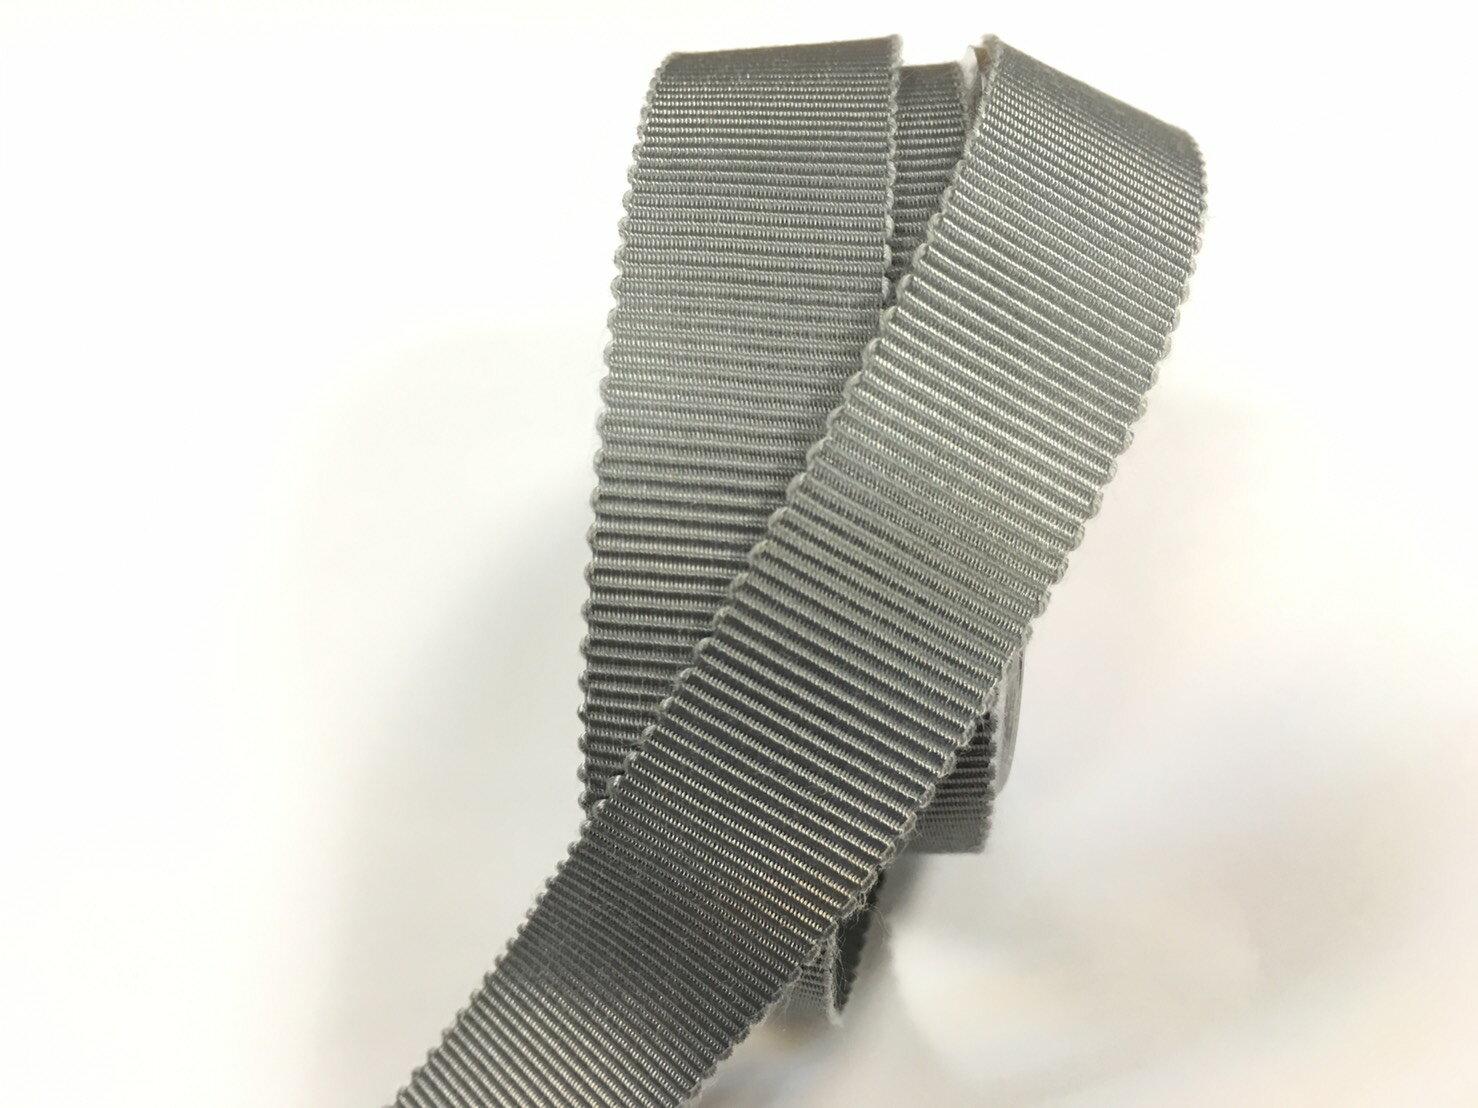 迴紋帶 羅紋緞帶 10mm 3碼 (22色) 日本製造台灣包裝 0